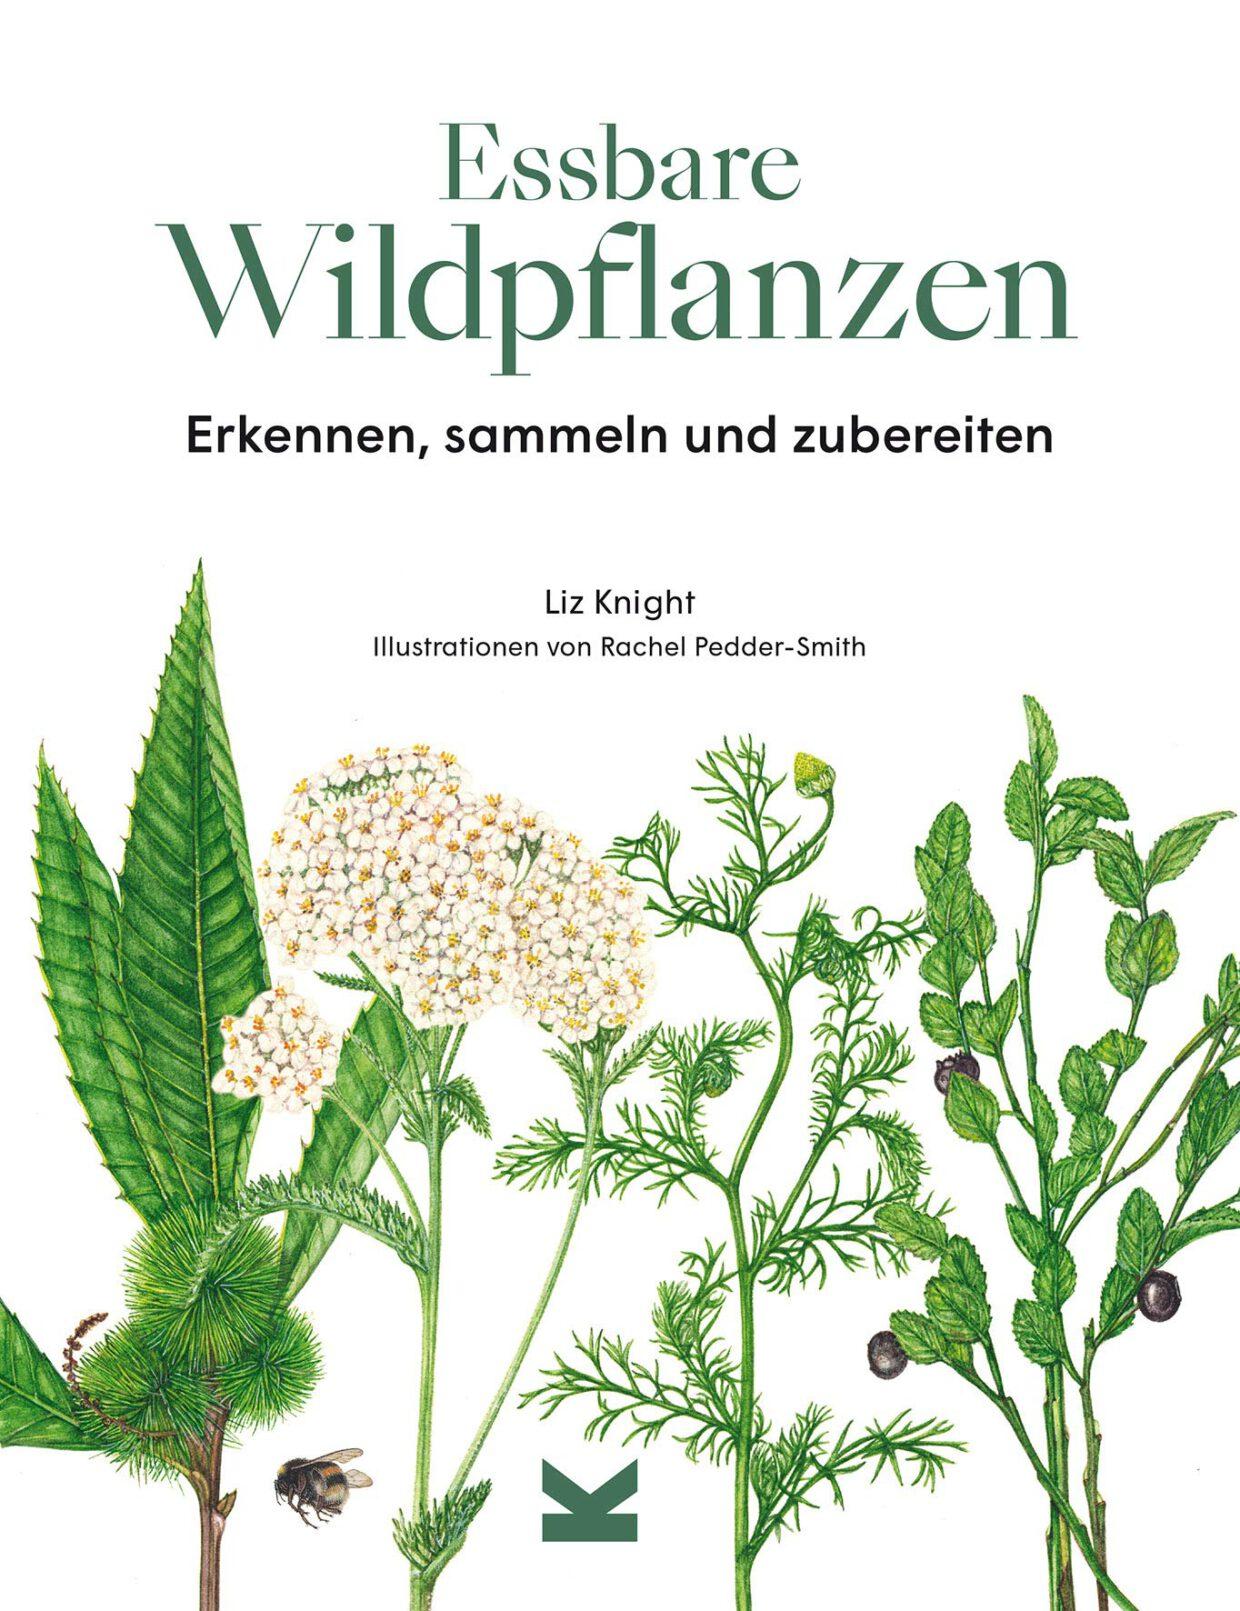 Liz Knight: Essbare Wildpflanzen